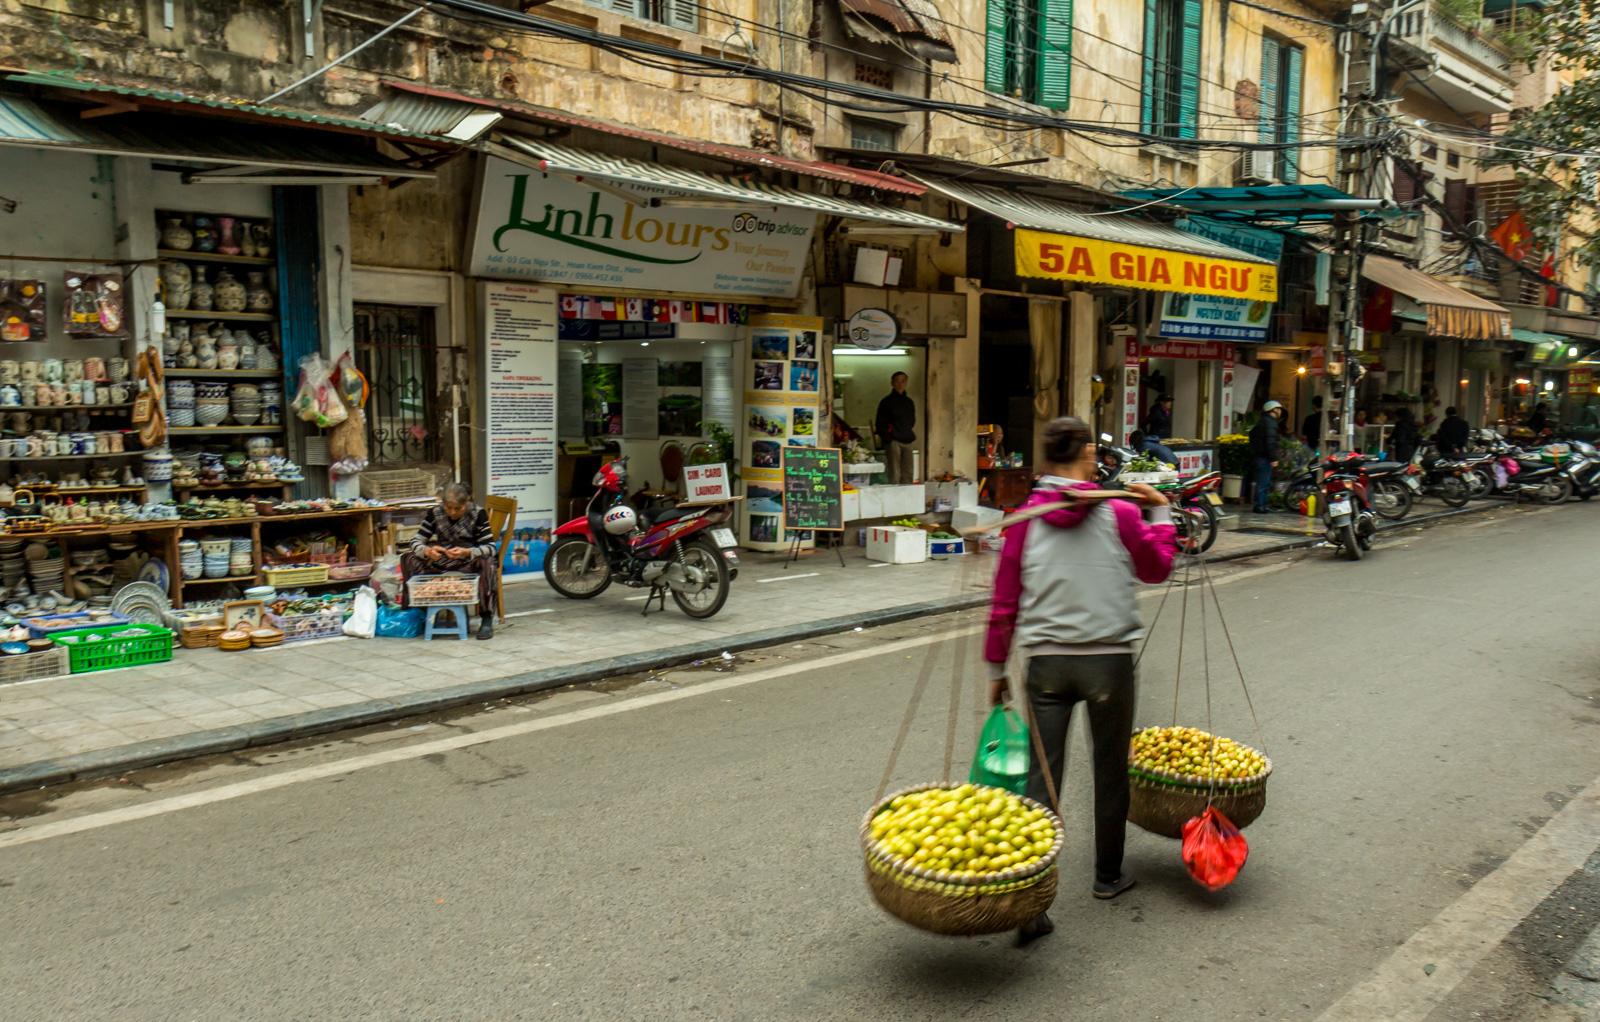 A fruit vendor in the Old Quarter.